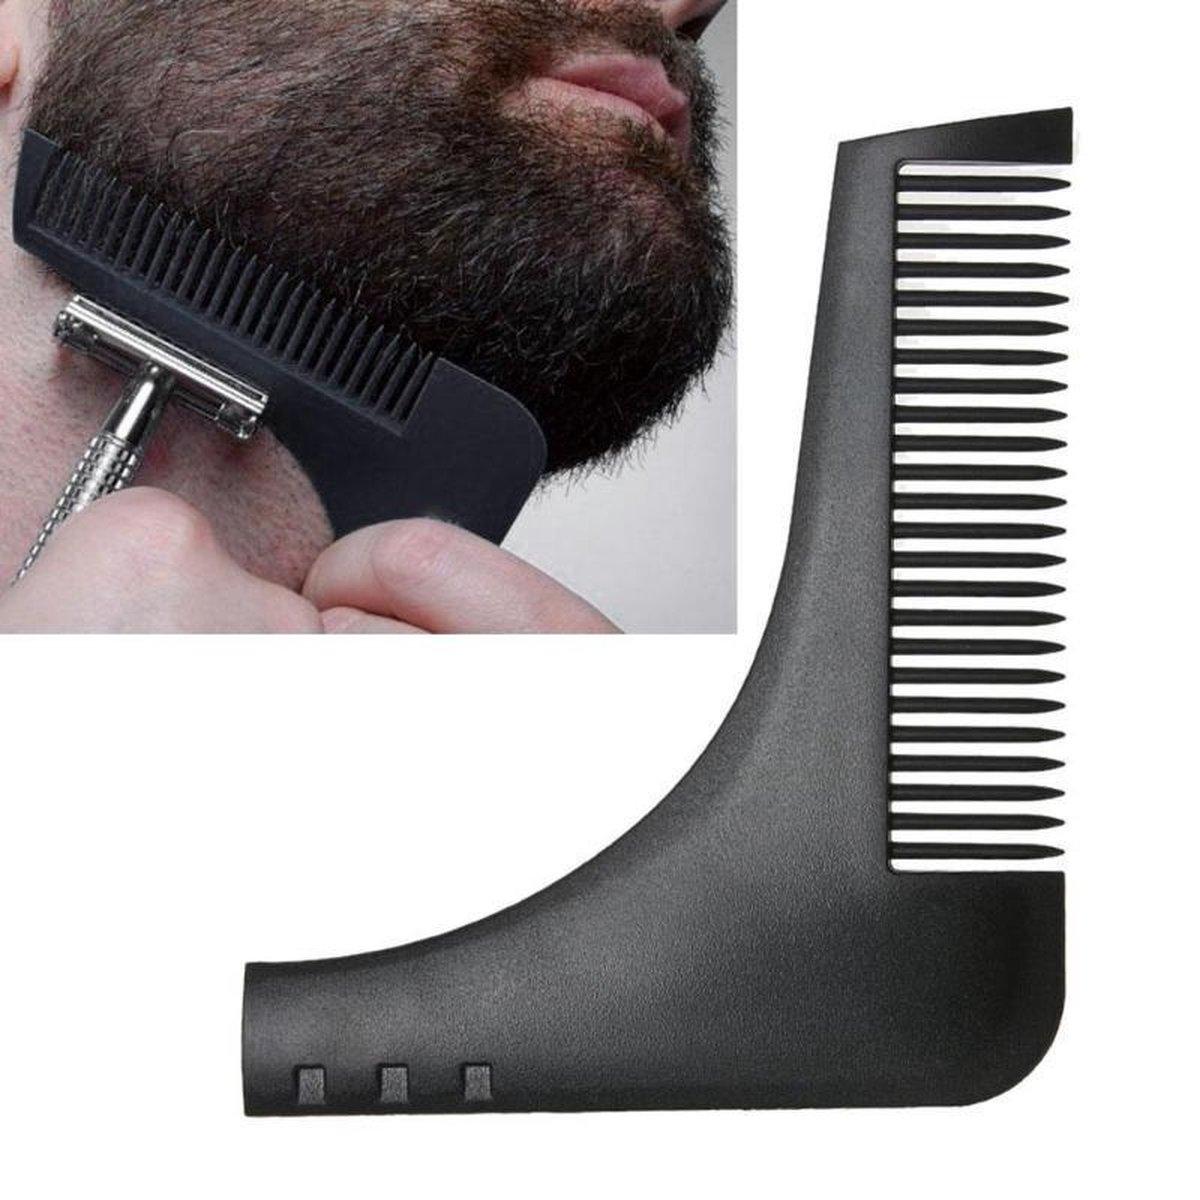 EPIN   Baard kam   Baard verzorging   Baard trimmer   Baard scheren  Baard borstel   Zwart